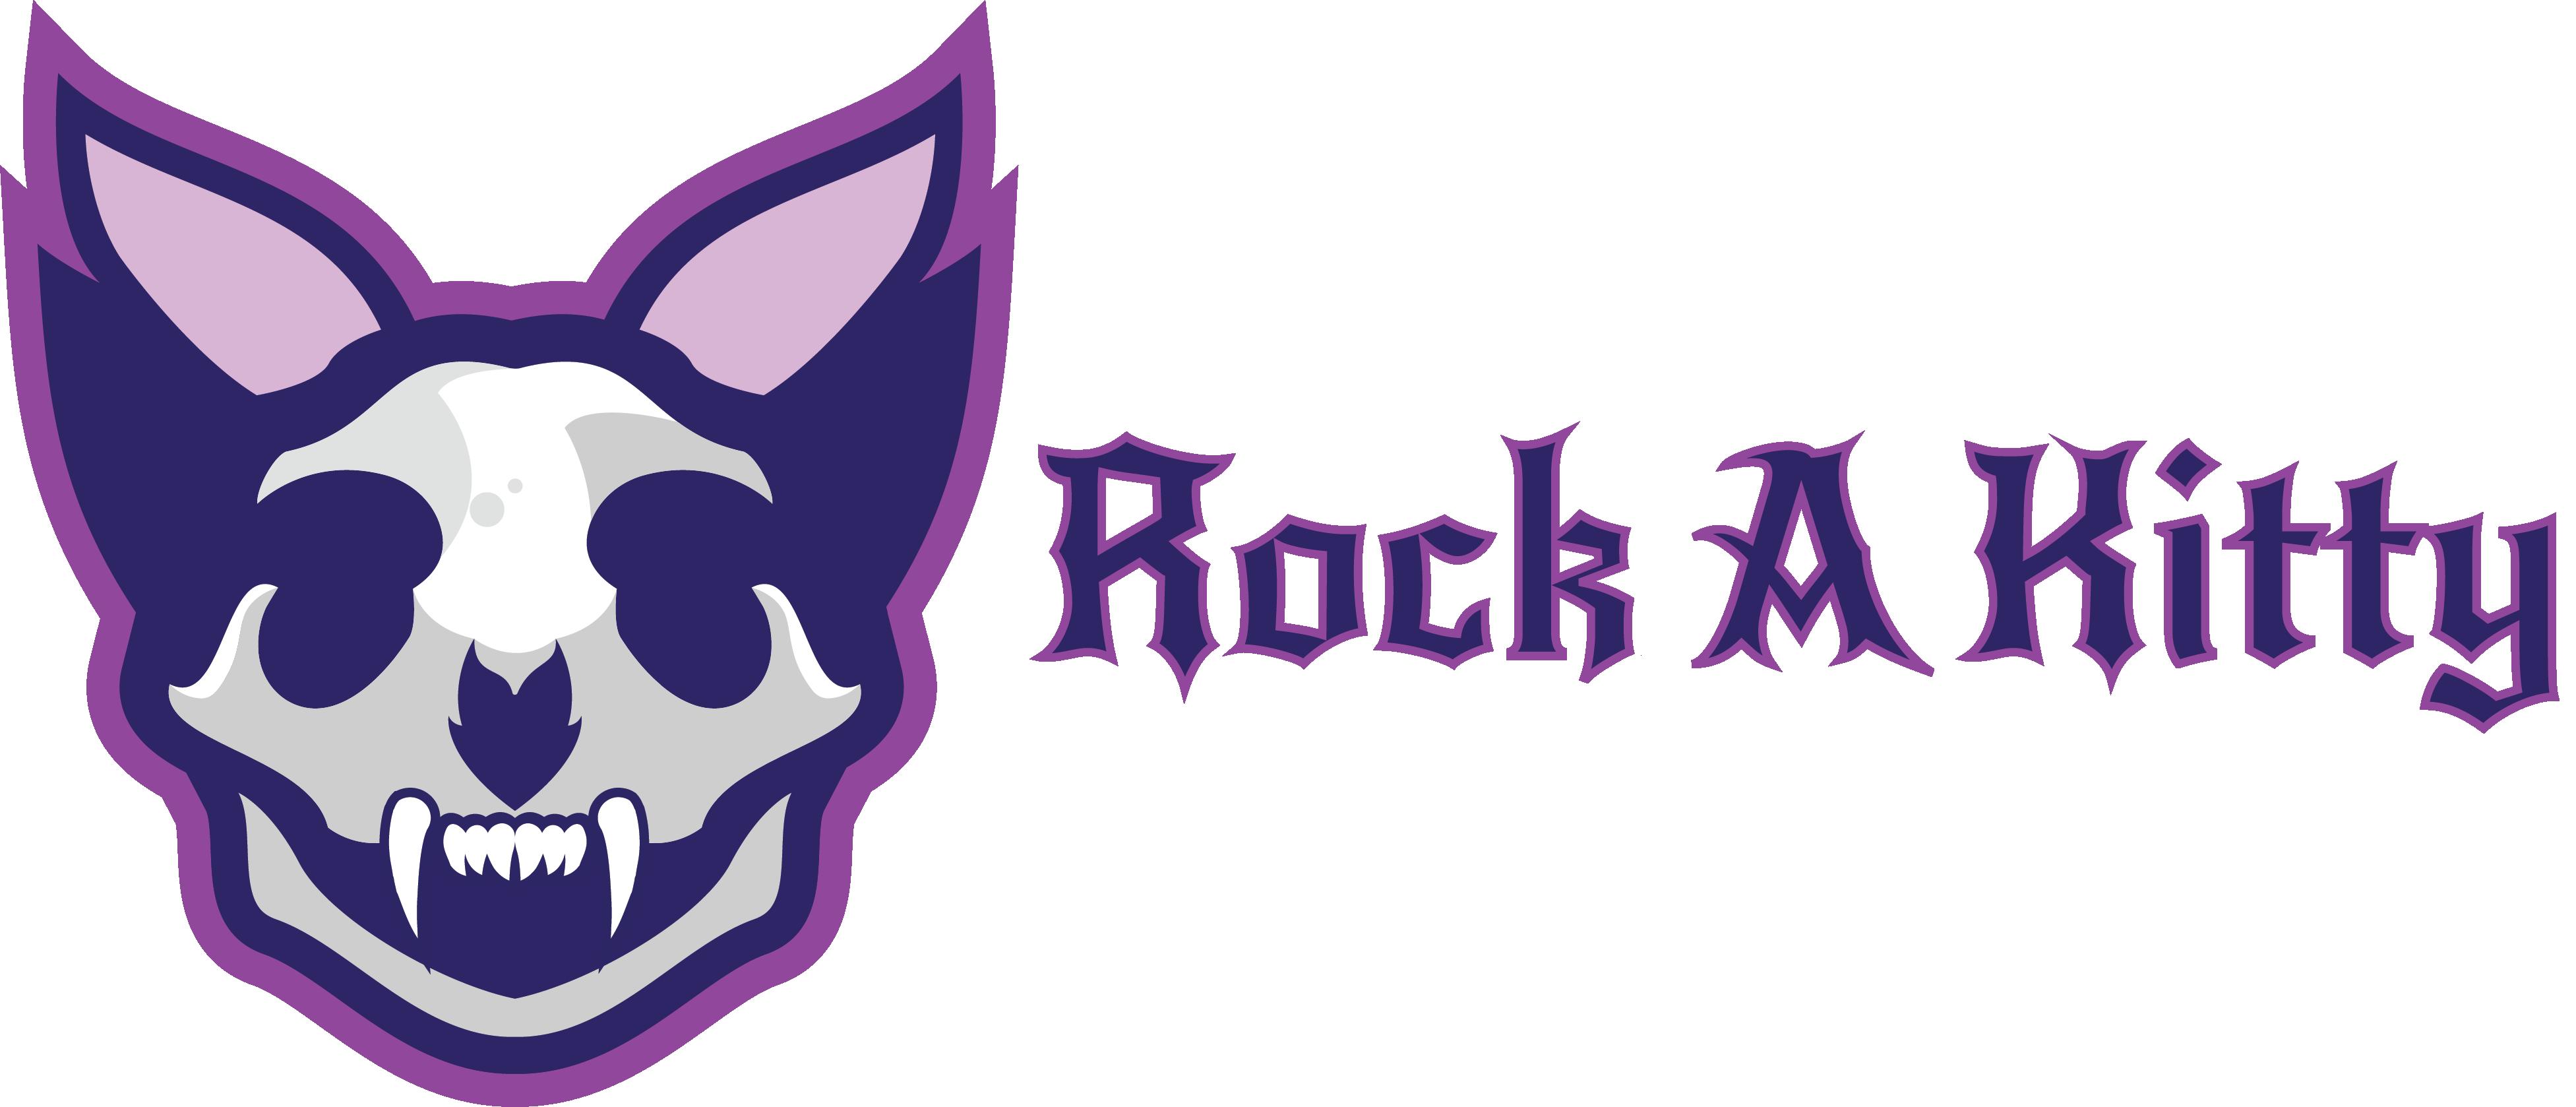 Rockakitty